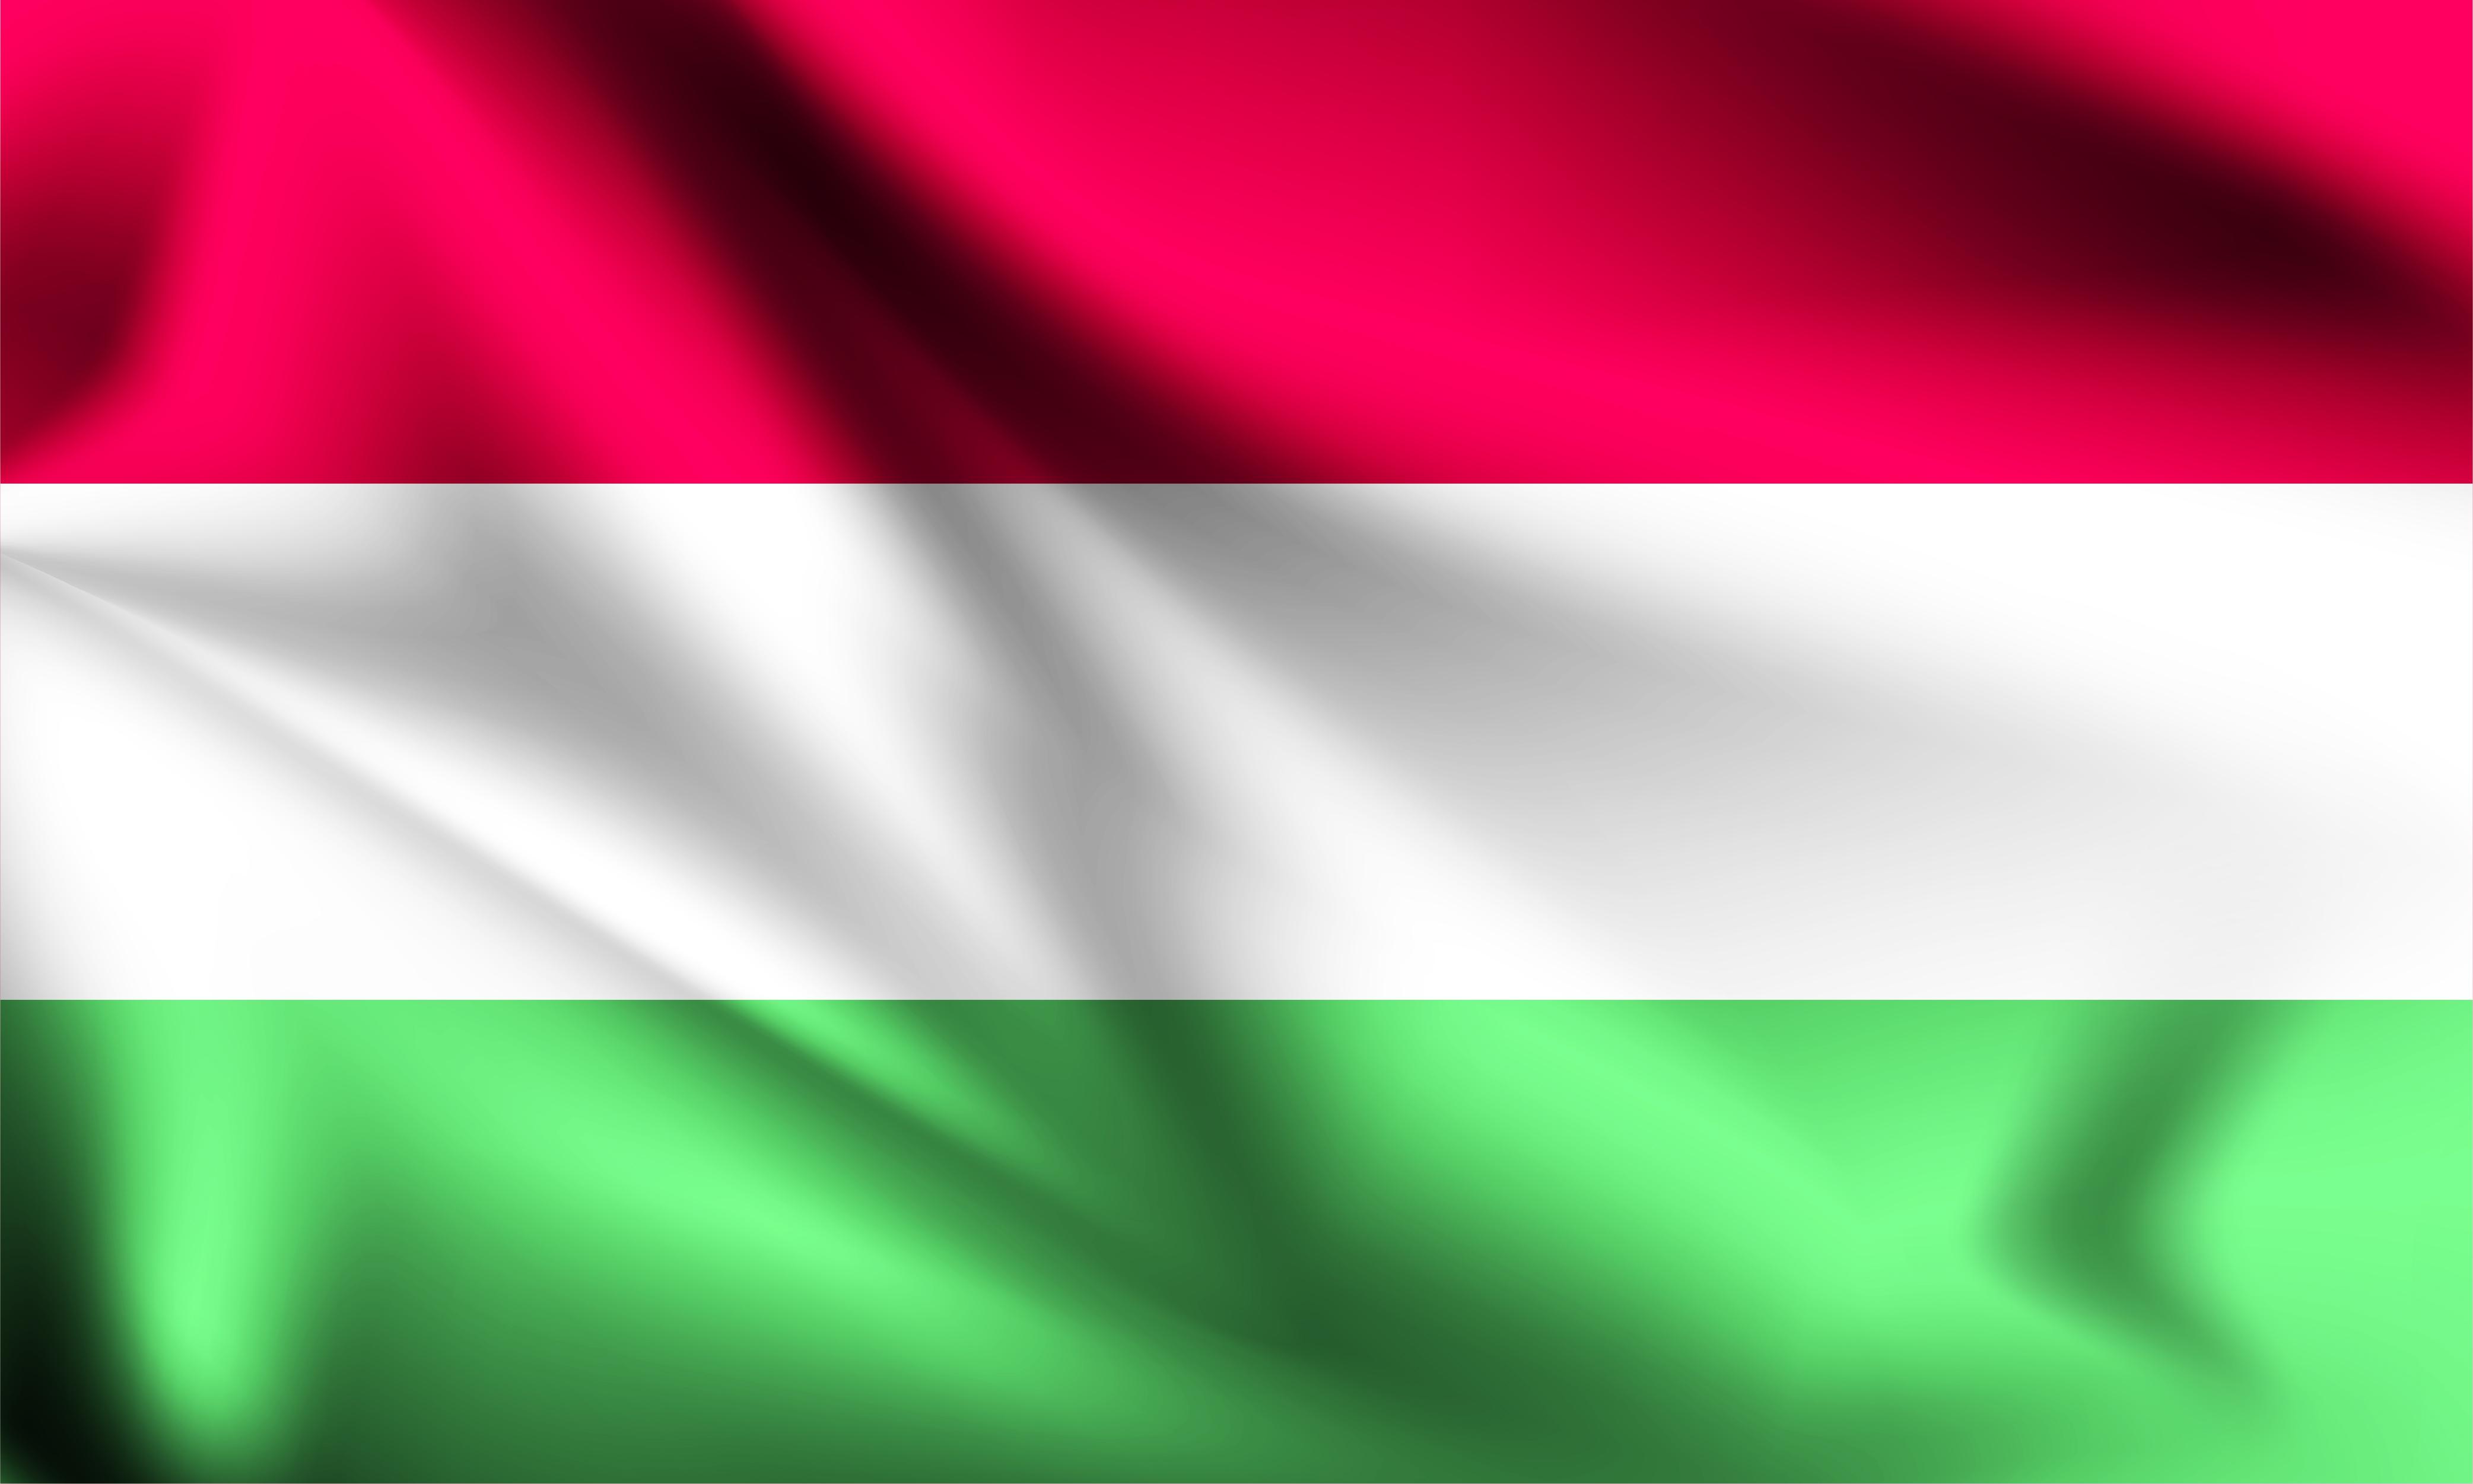 drapeau 3d de la Hongrie 1228870 - Telecharger Vectoriel Gratuit, Clipart  Graphique, Vecteur Dessins et Pictogramme Gratuit